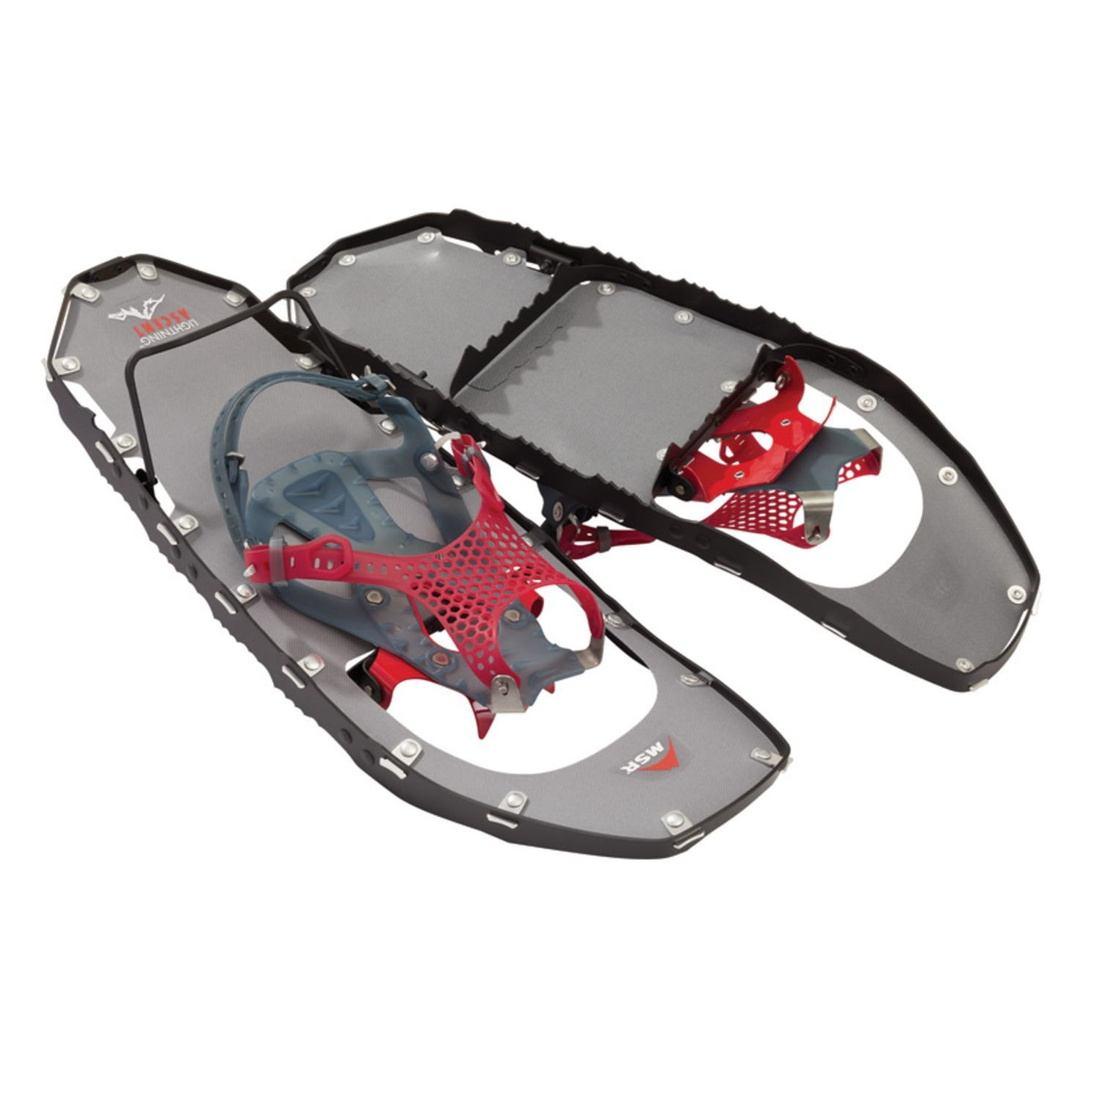 エムエスアール スノーシュー ライトニングアッセント メンズ パラゴン かんじき パラゴンバインディング男性用 軽量 スノーシュー  国内正規品 40001